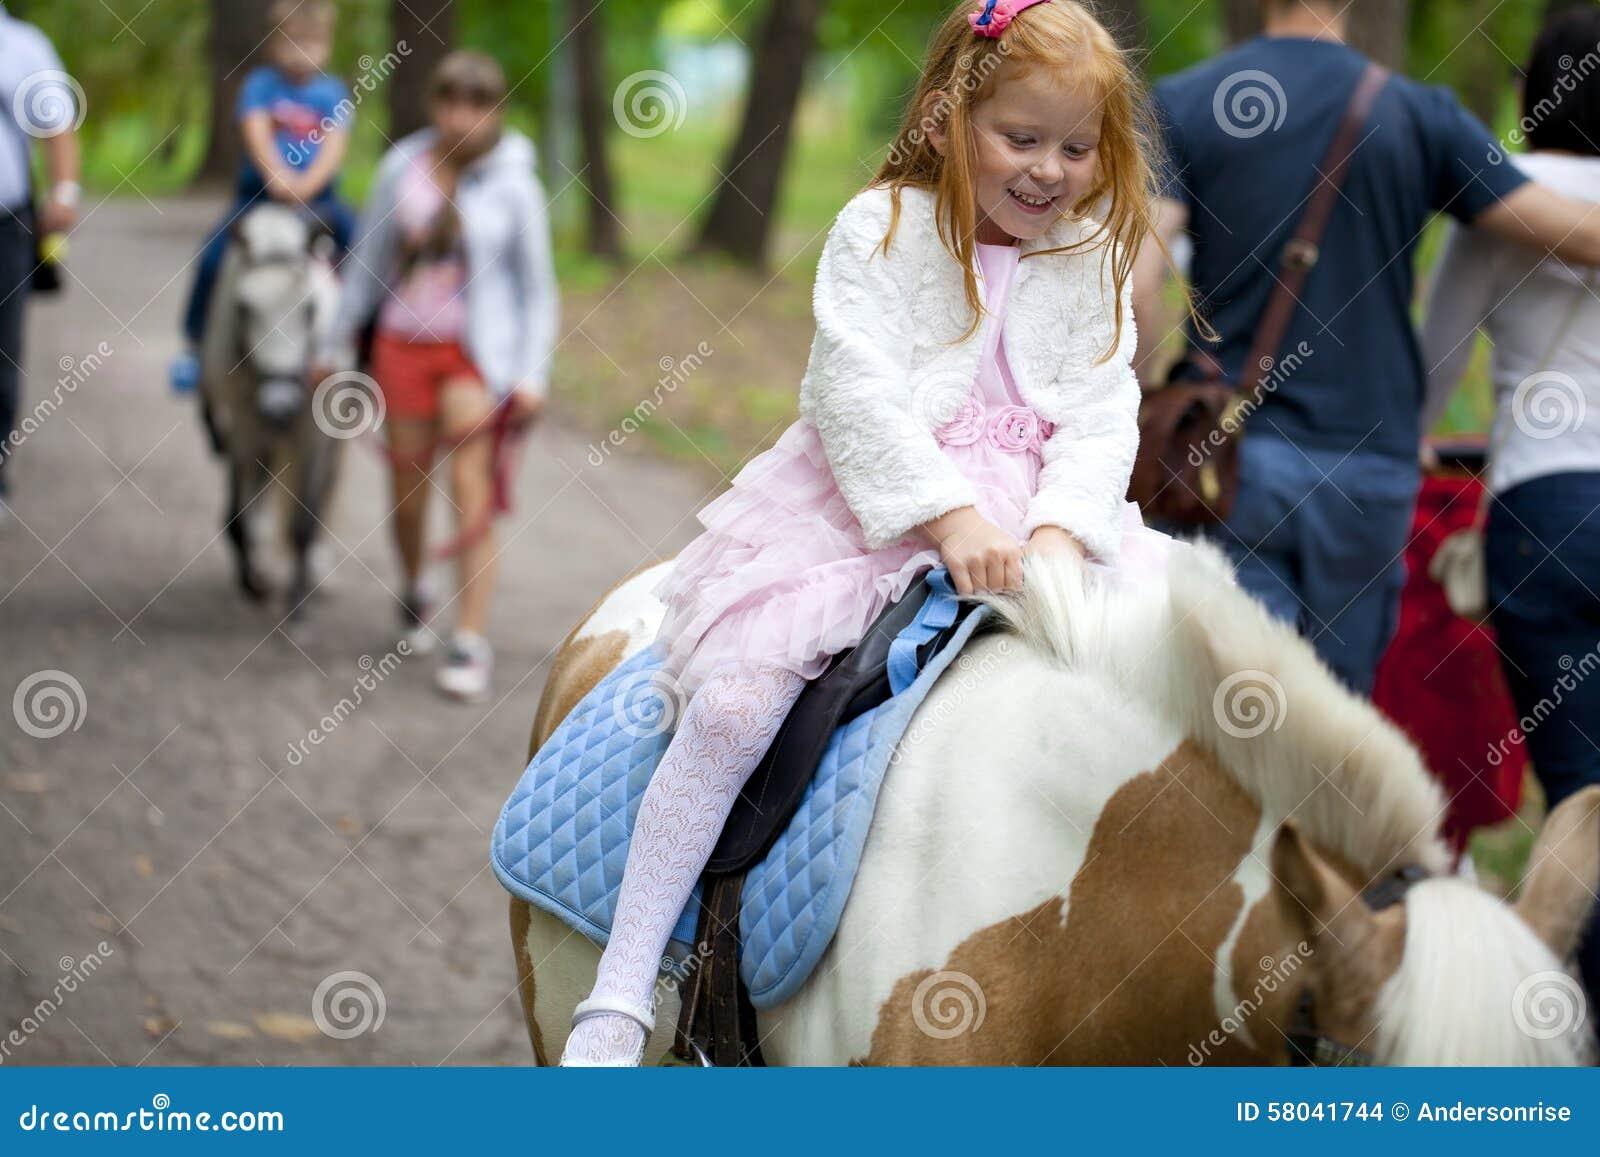 Équitation de petite fille sur un poney en parc de ville